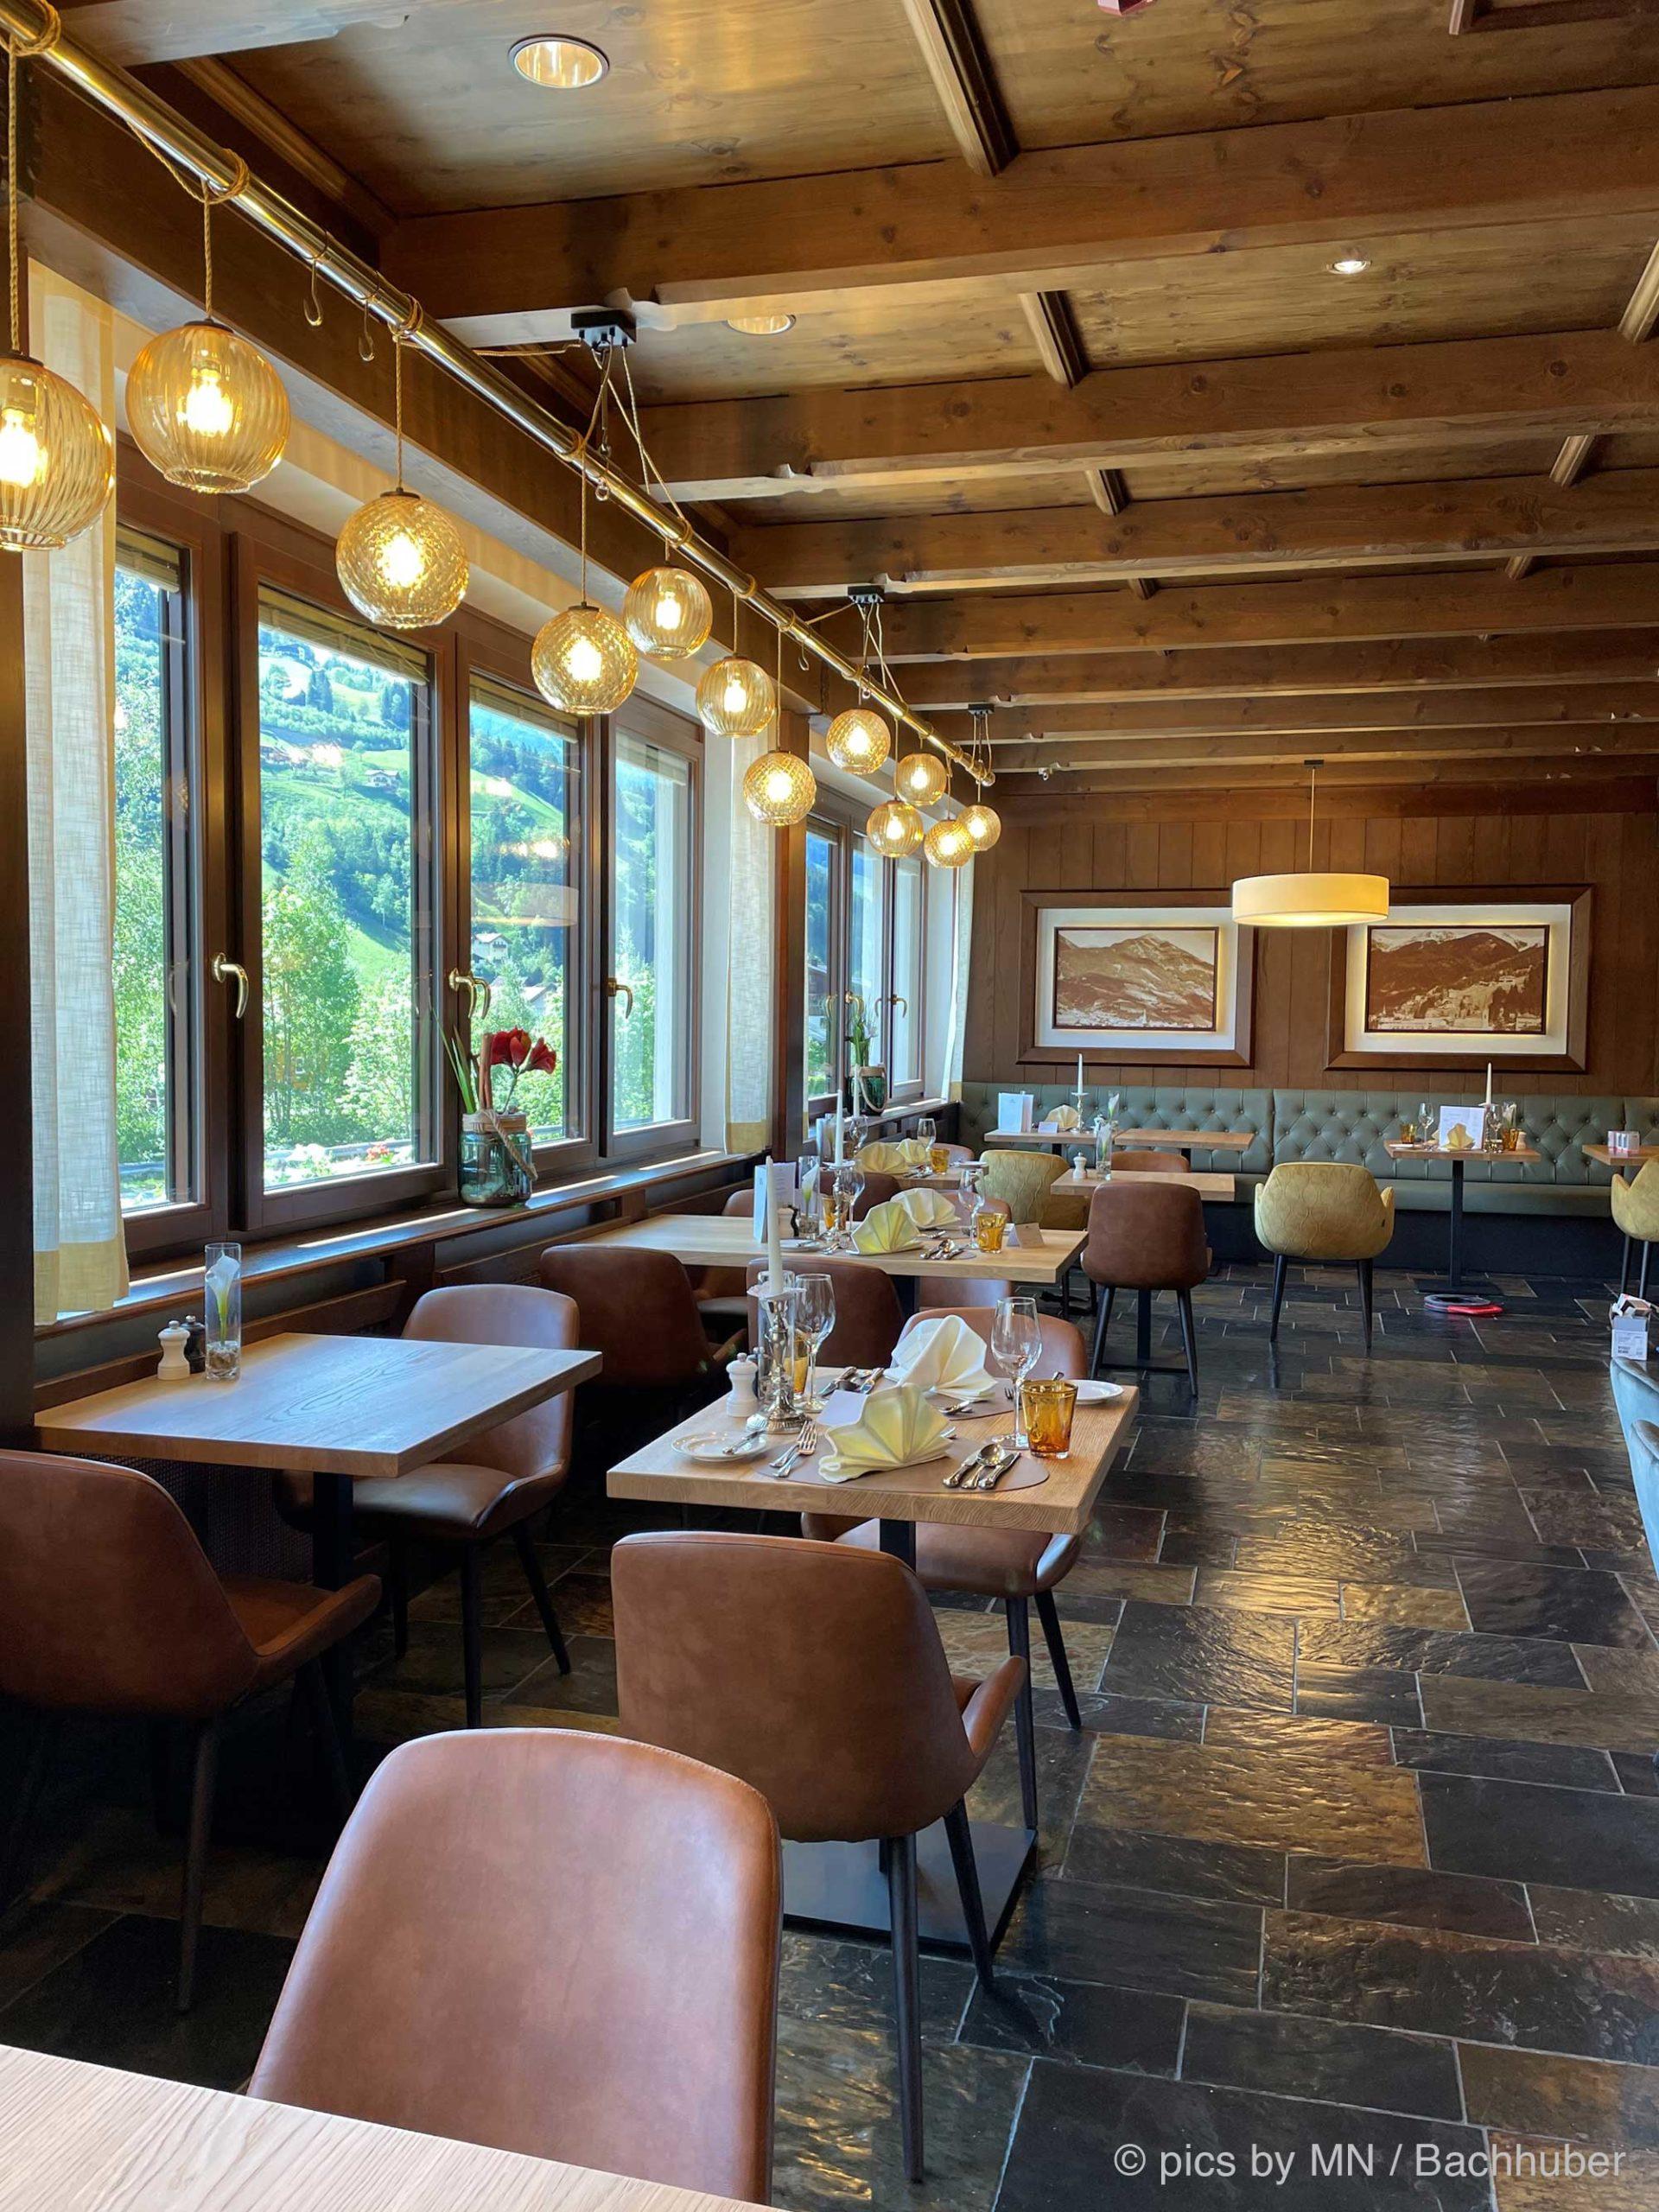 hotelausstattung-hoteleinrichtungen-bachhuber-Hotel-Cesta_Grand_Bad-Gastein_0210